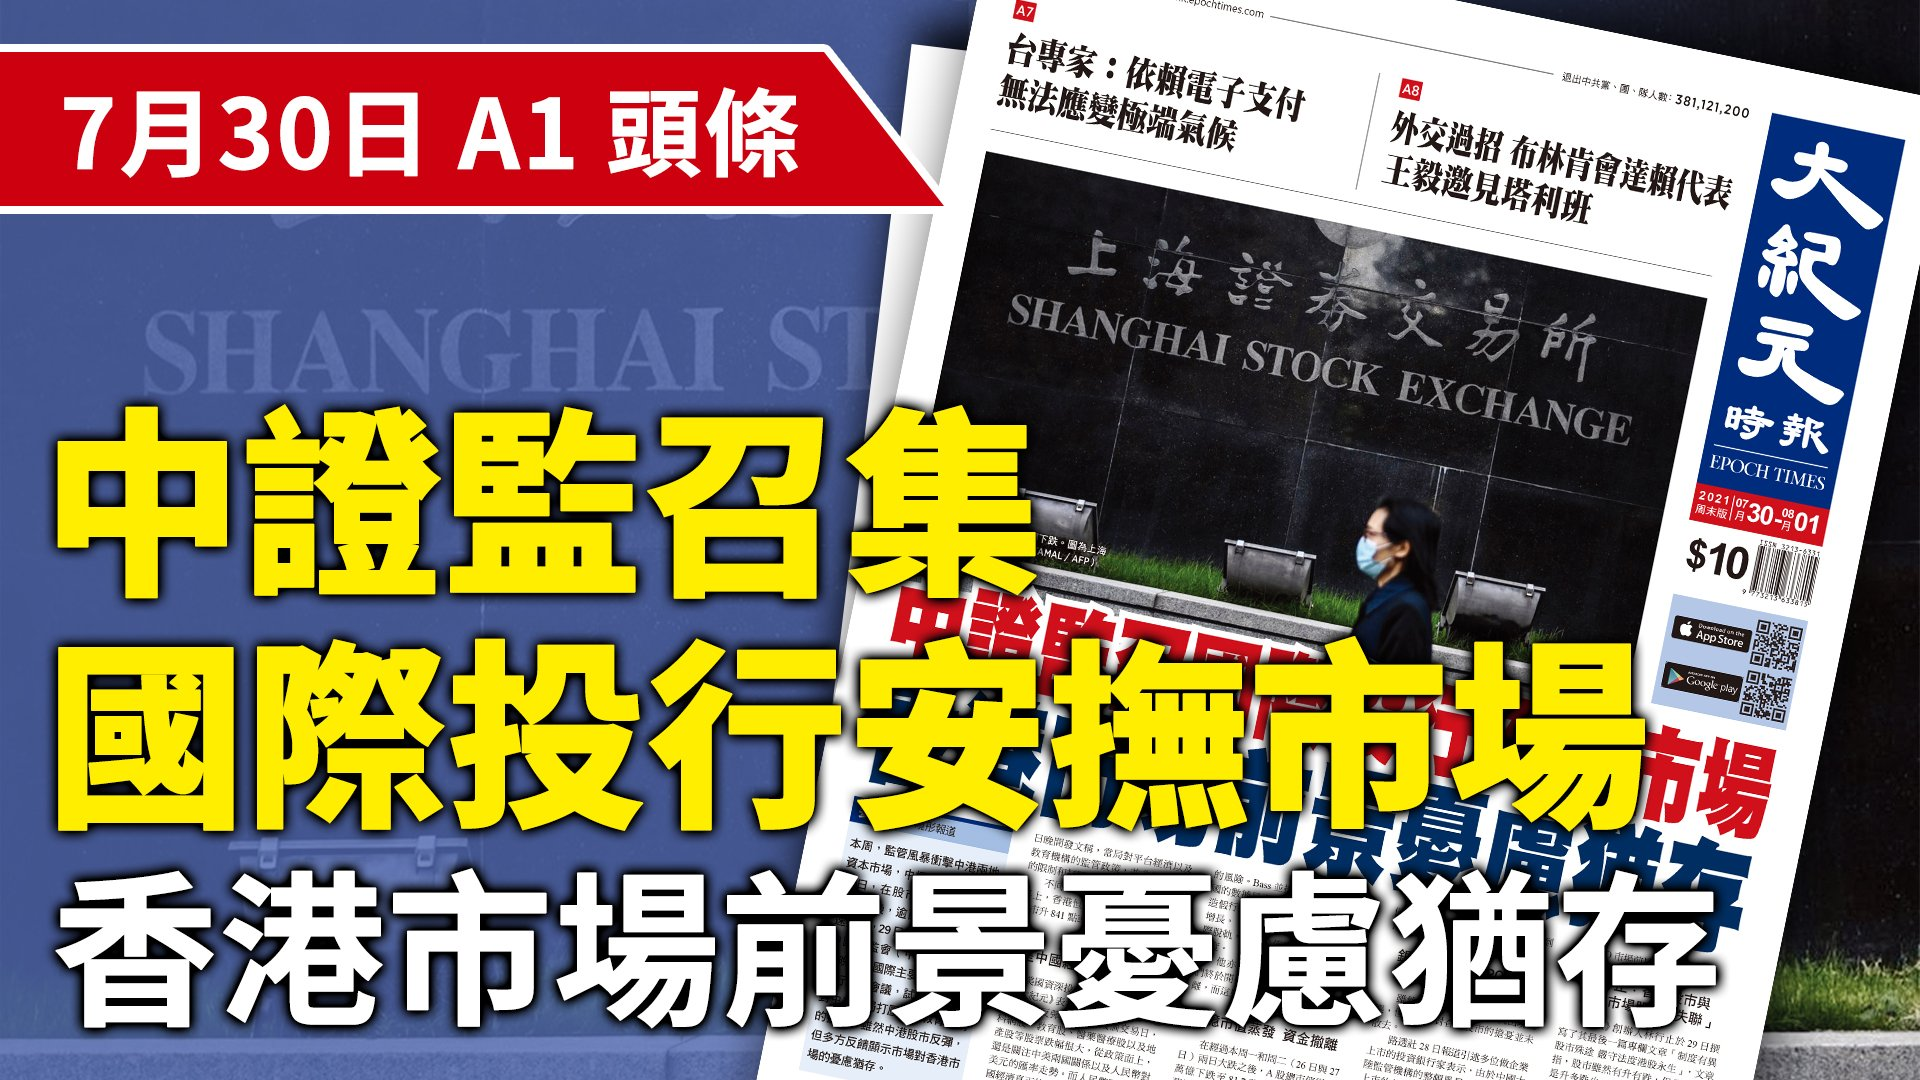 大陸股市7月27日大幅下跌。圖為上海證券交易所。(Hector RETAMAL / AFP / Getty Images)